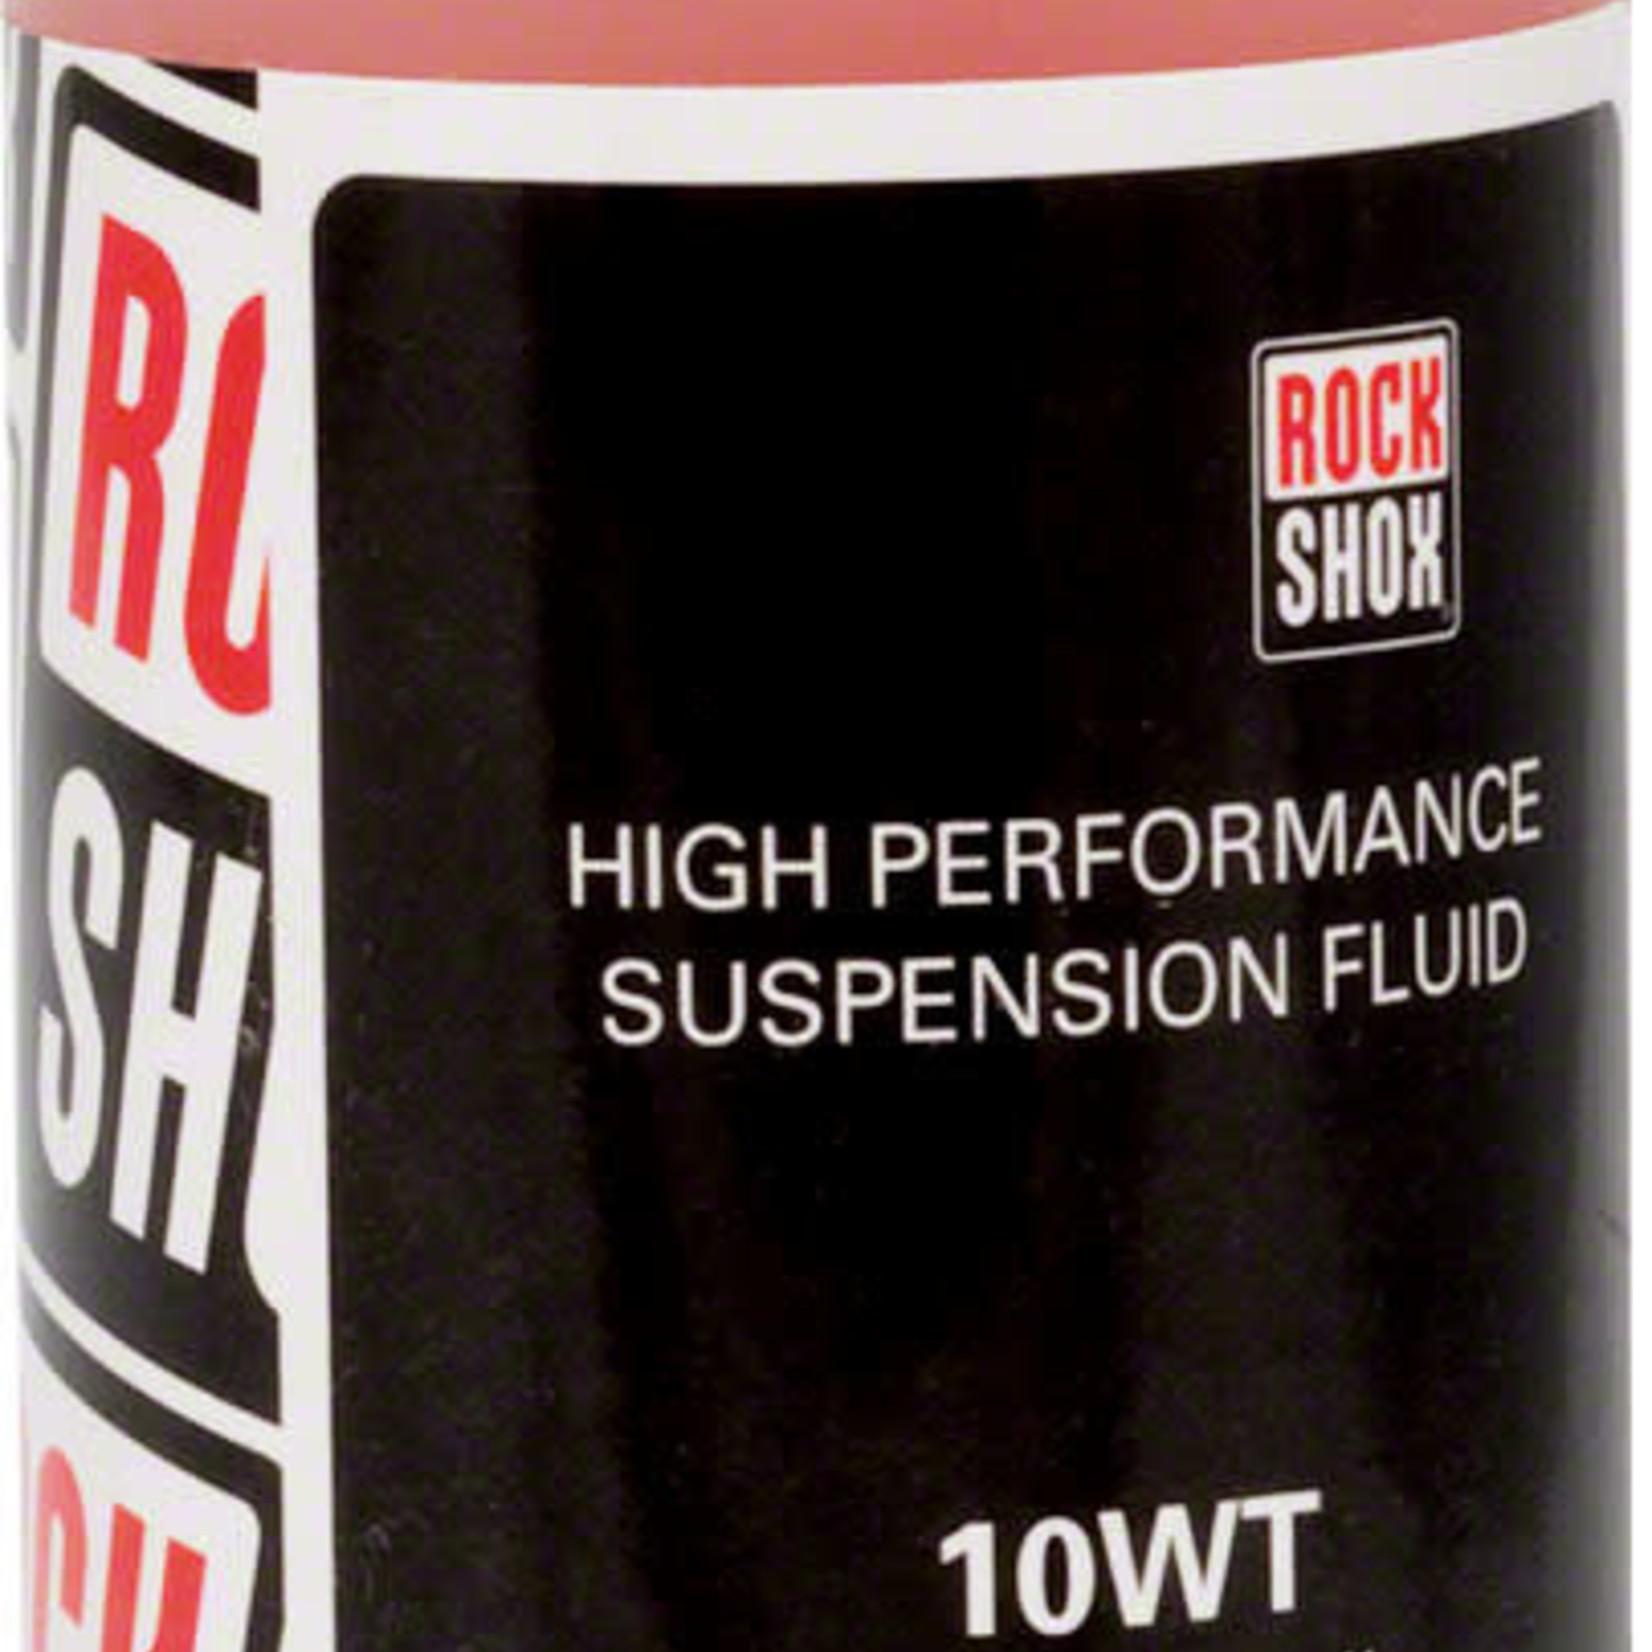 RockShox RockShox Suspension Oil, 10wt, 120ml Bottle